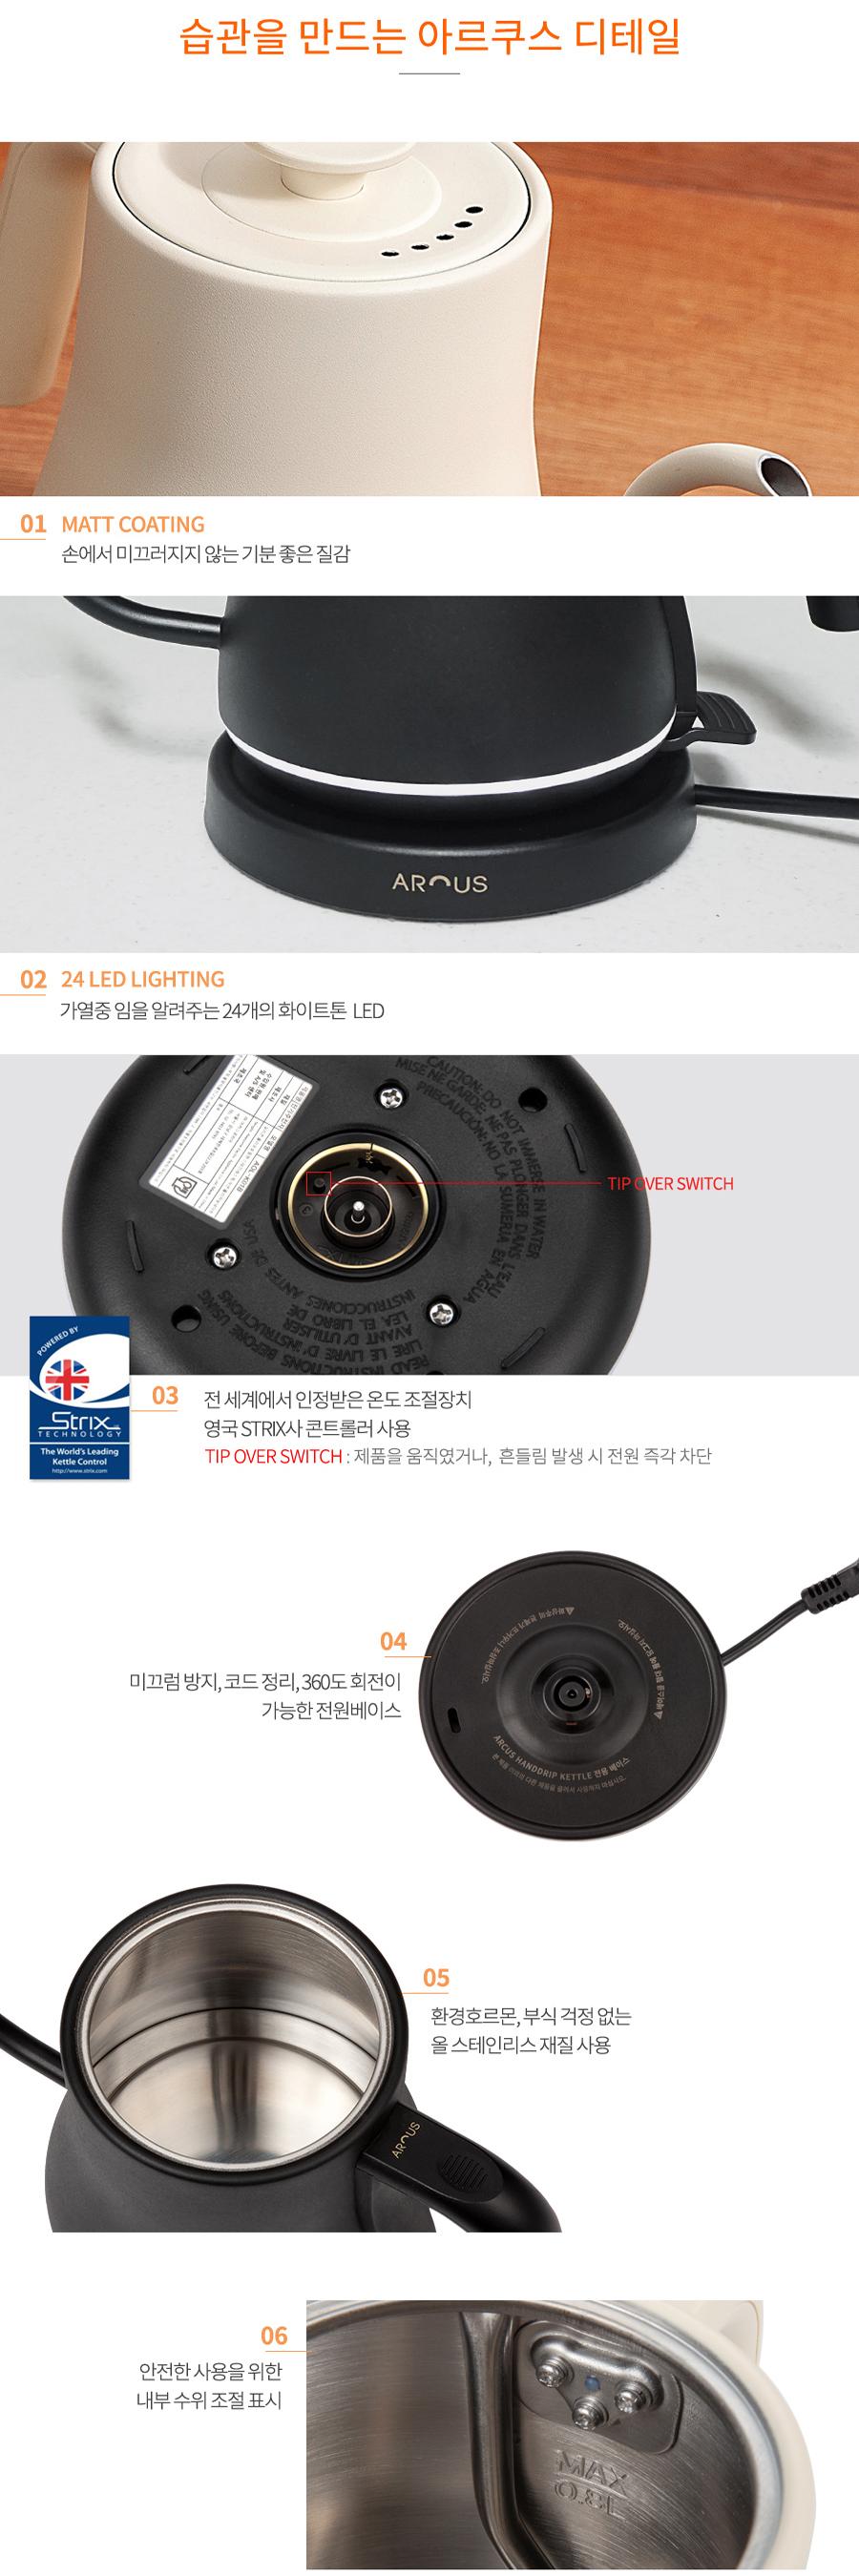 PourOver 핸드드립 전기포트 AOL-K01I - 아르쿠스, 79,900원, 무선주전자/라면포트, 무선주전자